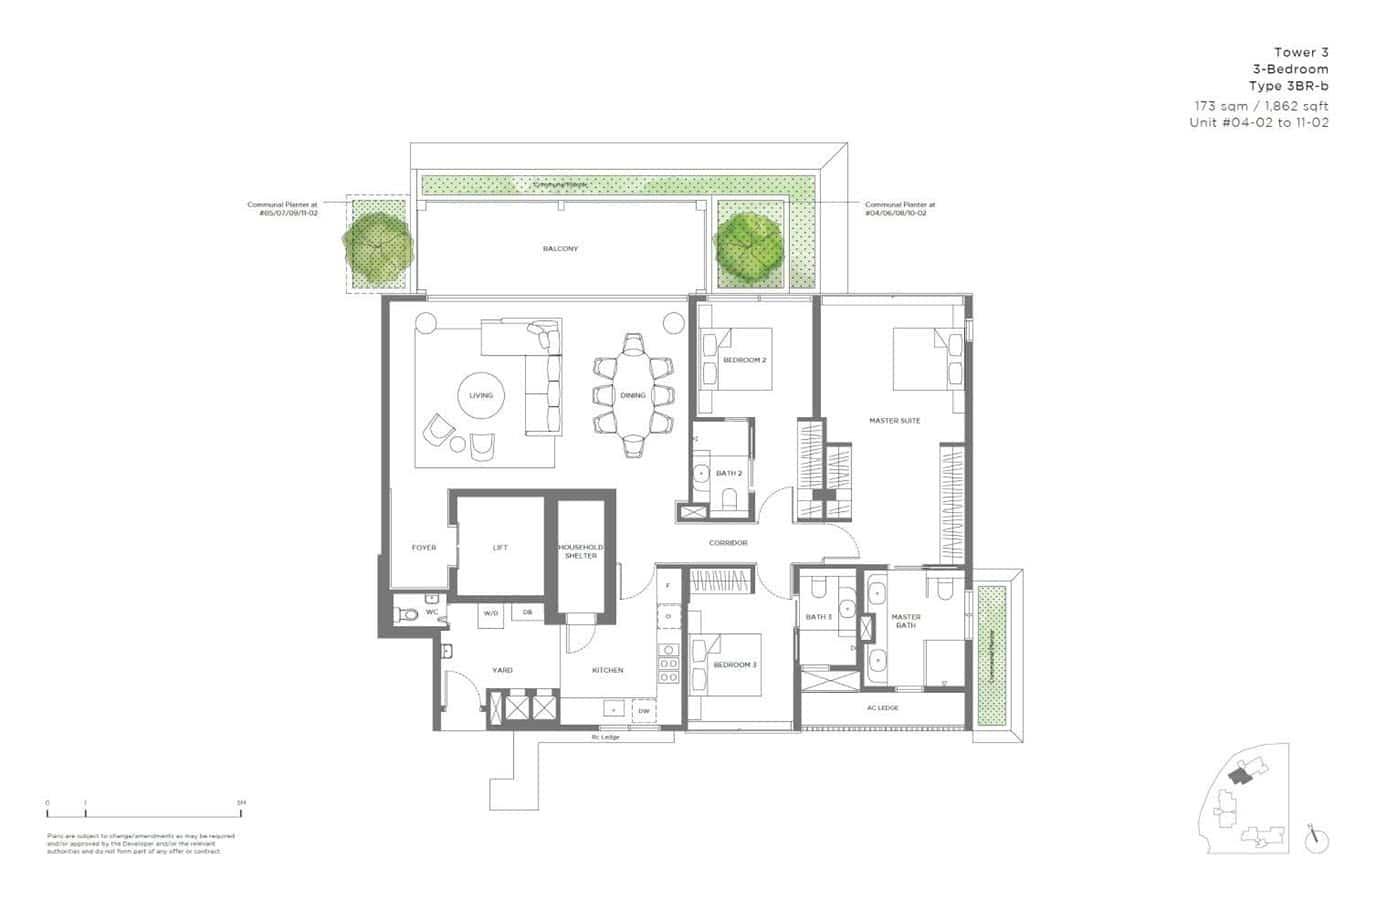 15 Holland Hill - Floor Plan - 3 Bedroom 3BR-b